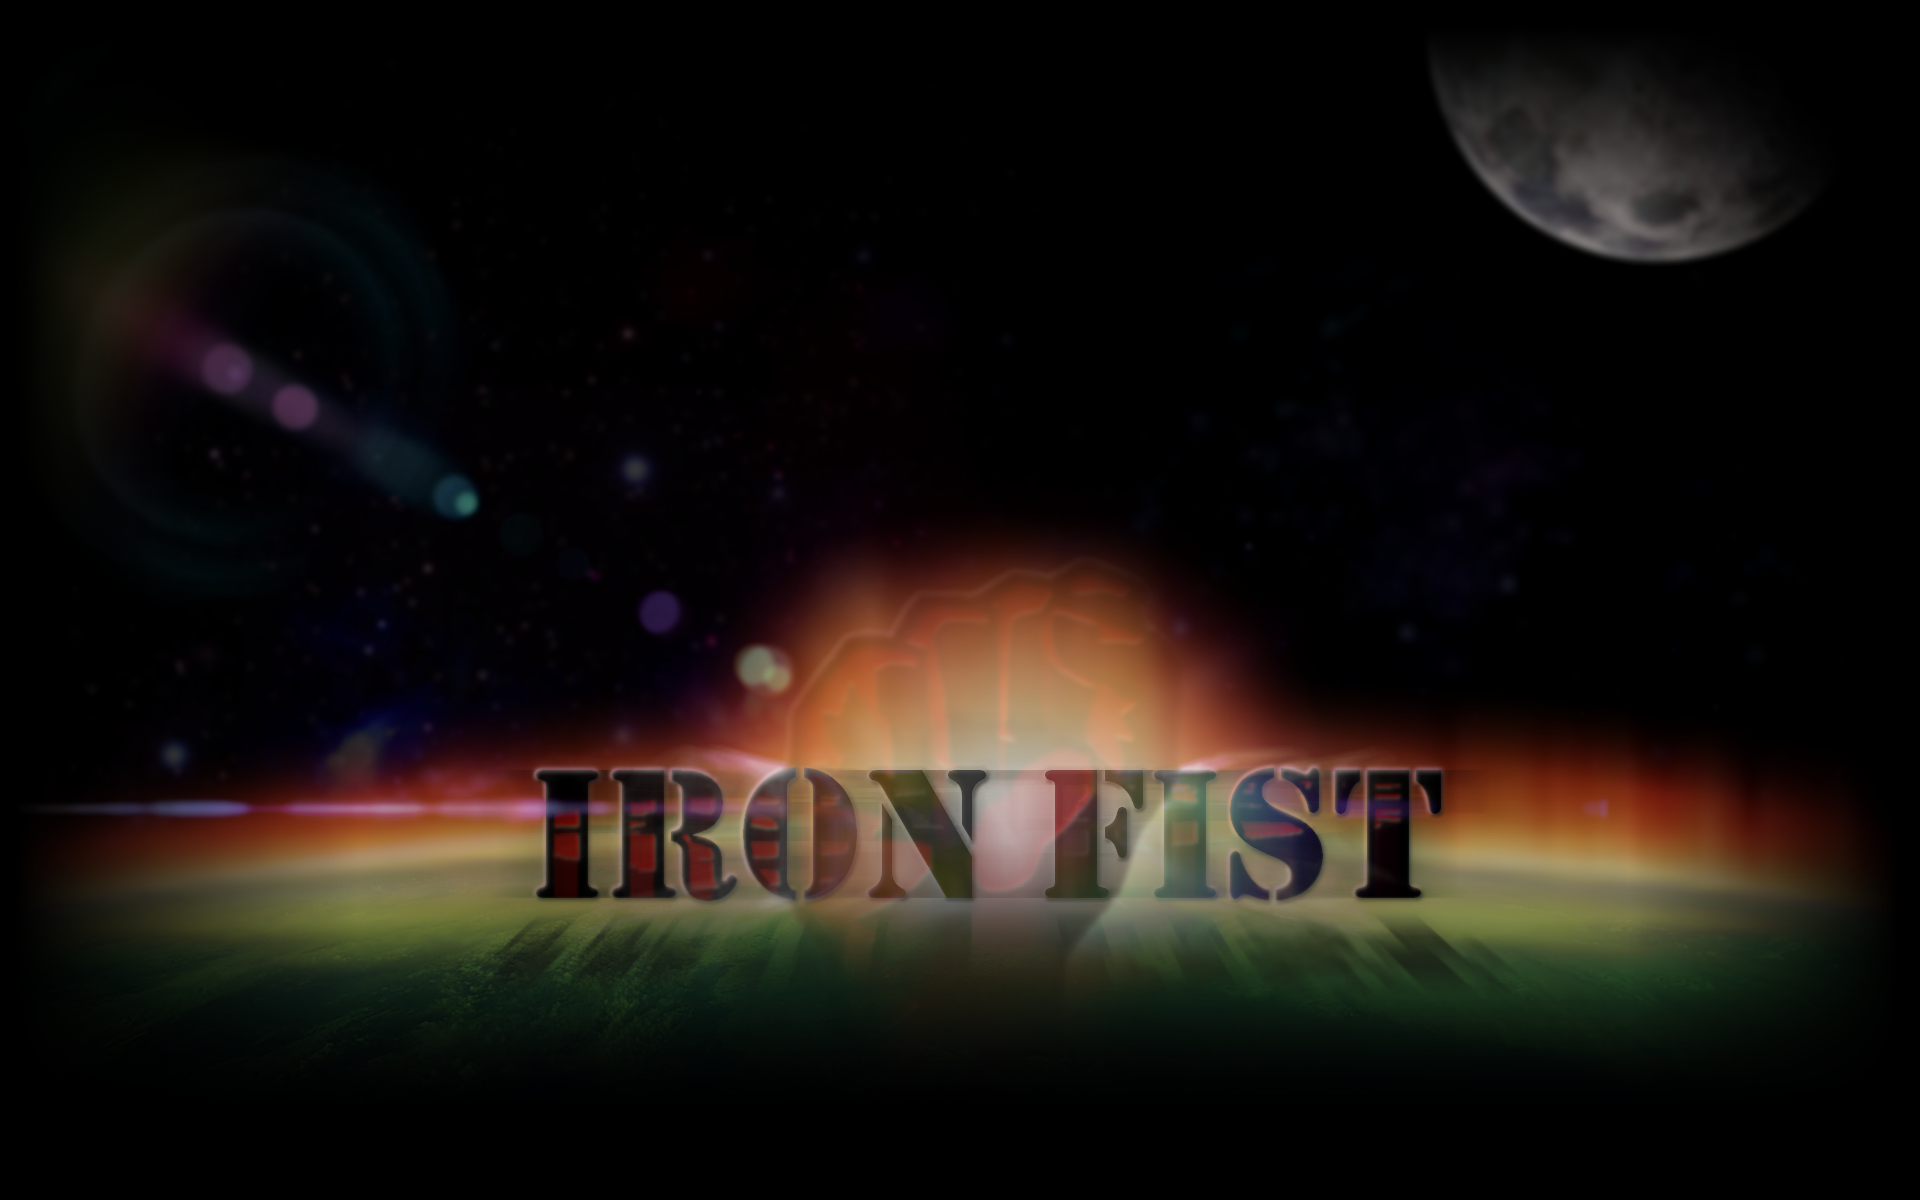 Iron Fist SourceForgenet 1920x1200